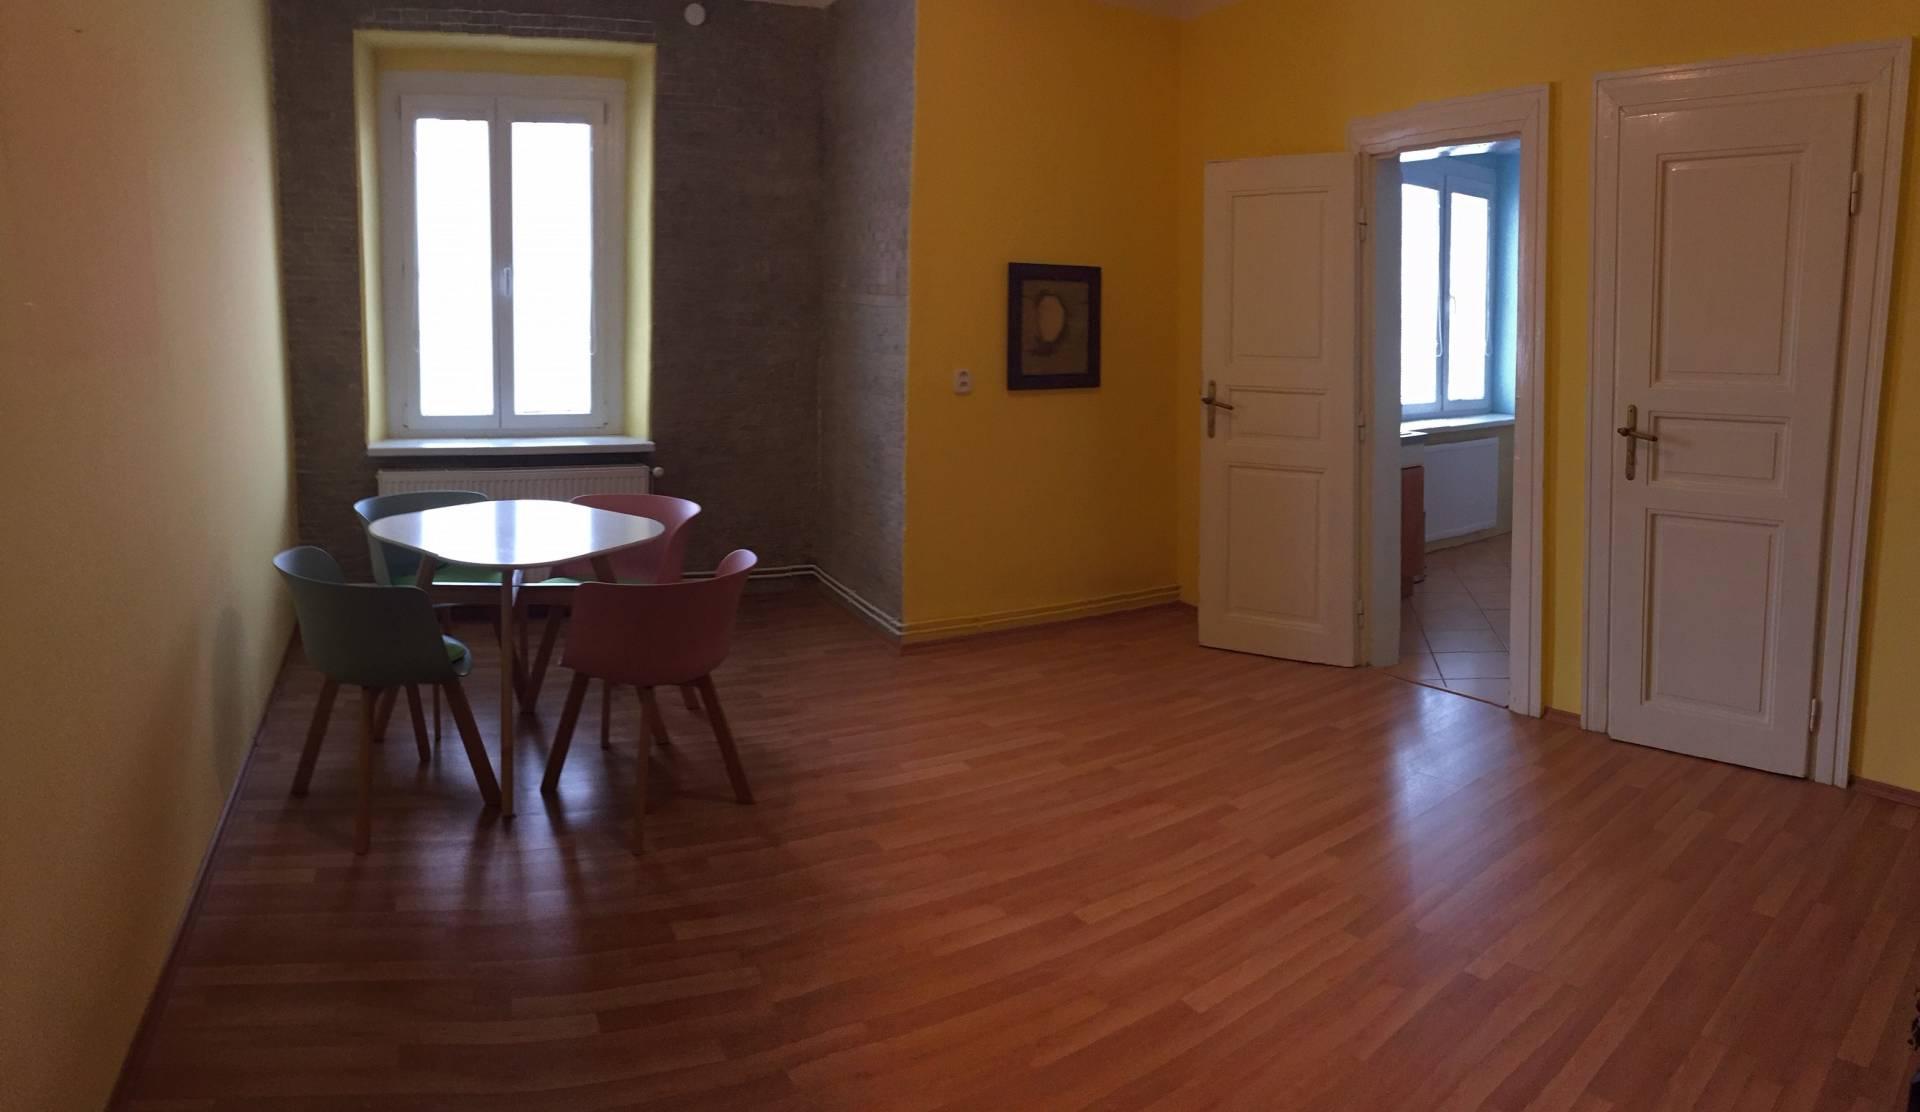 Predaj bytu (3-izbový) 103,6 m2, Bratislava - Staré Mesto